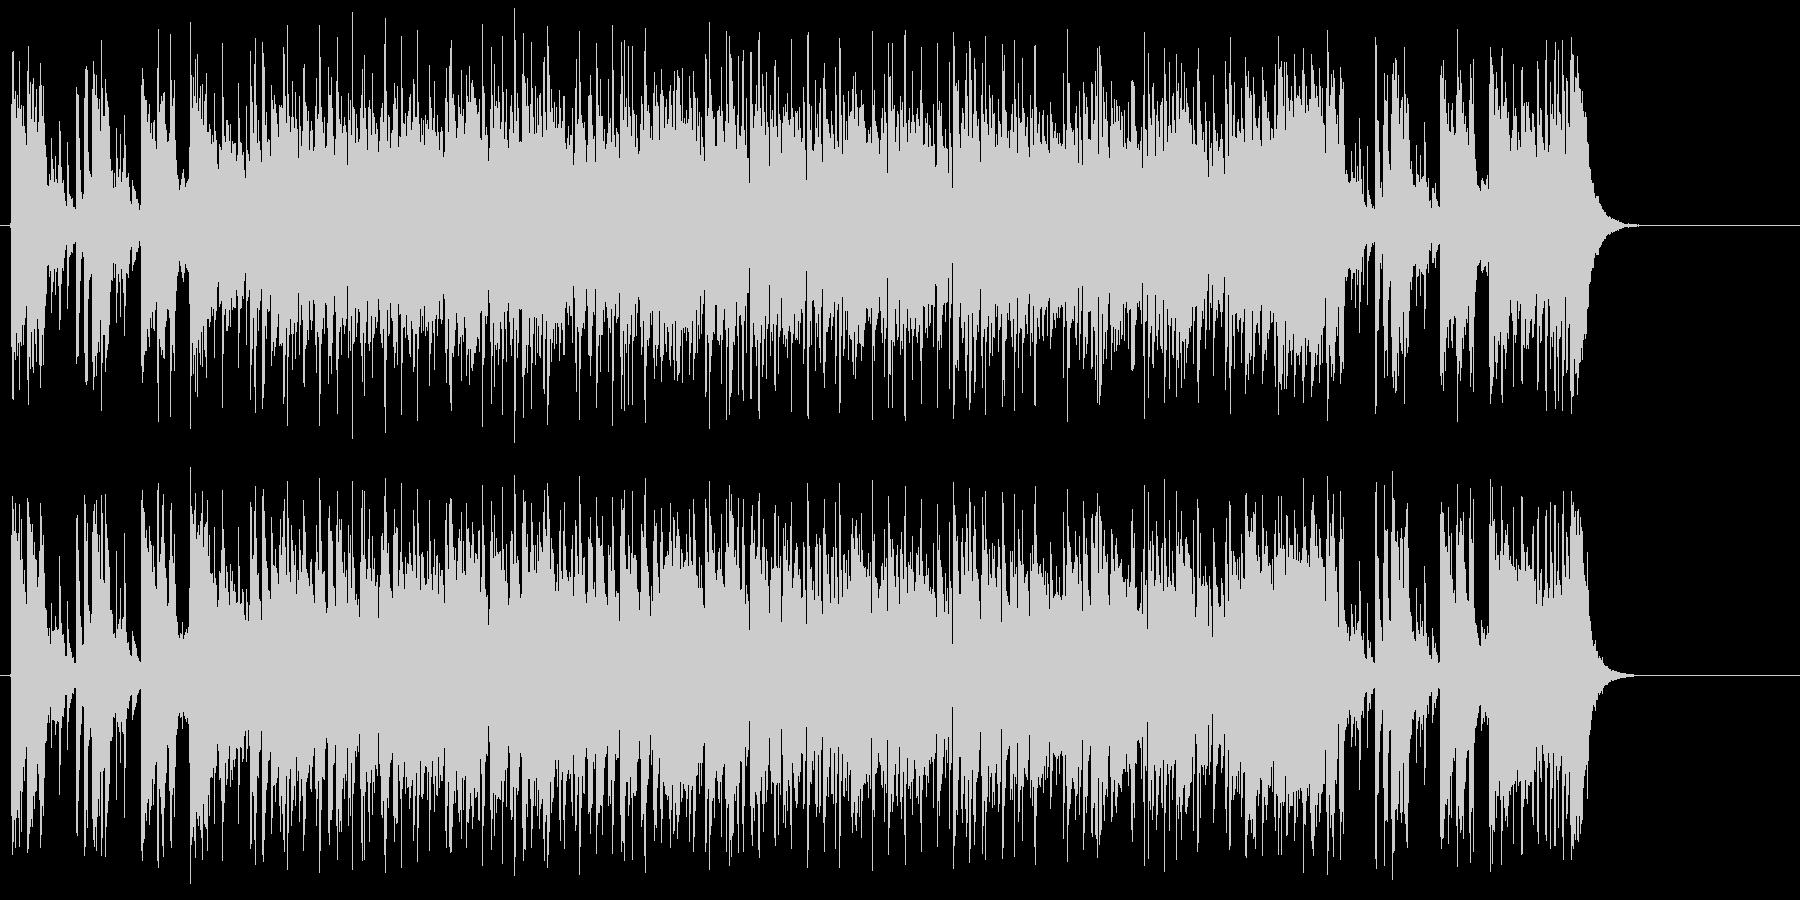 エンディング向け16ビートの未再生の波形